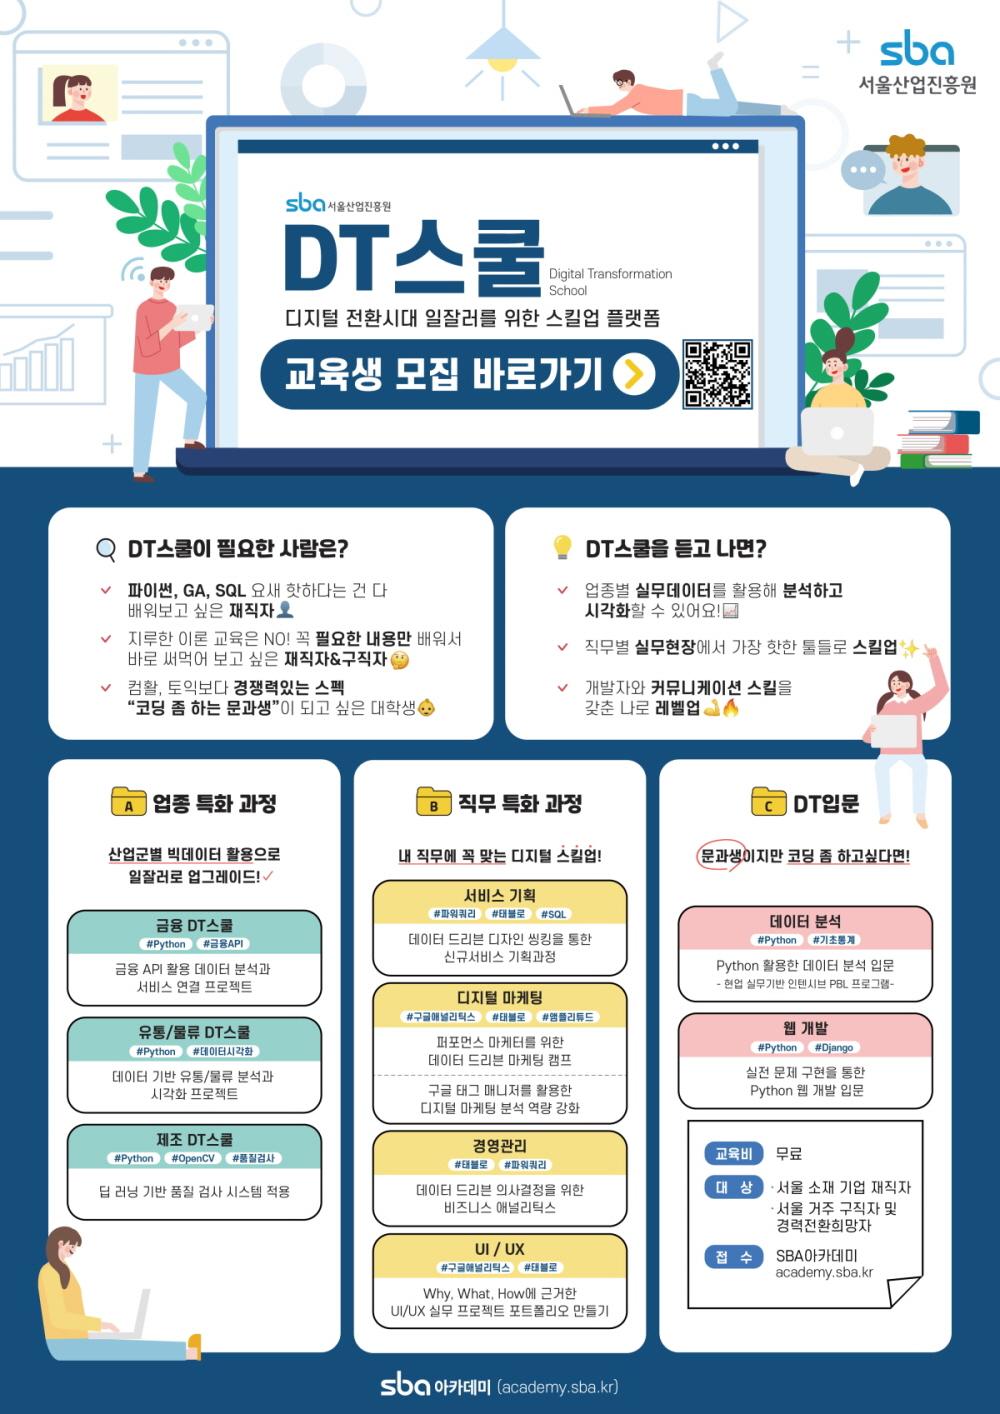 서울산업진흥원 무료교육 안내